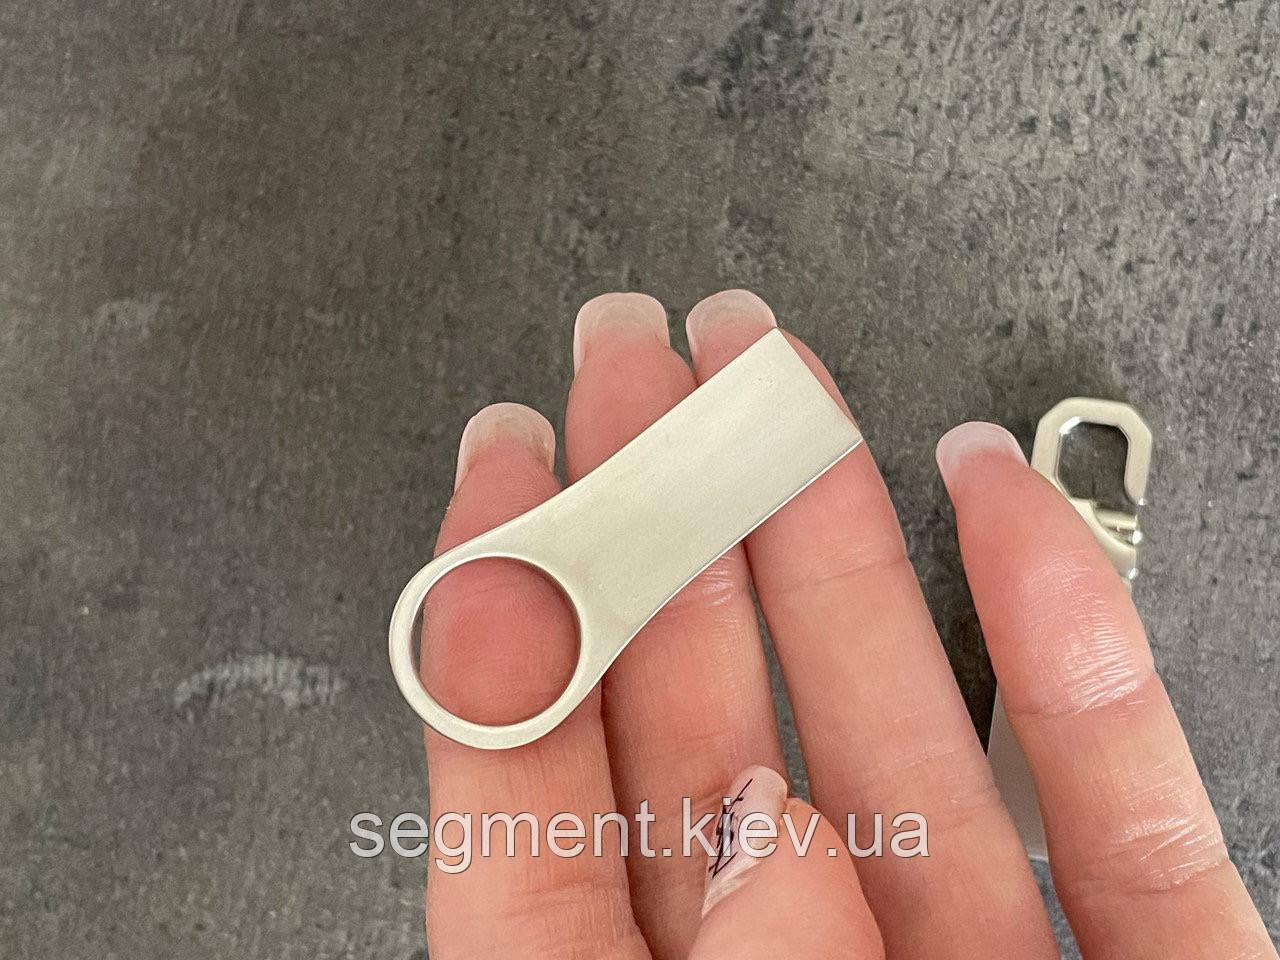 Флешка, USB накопичувач на 2 TB